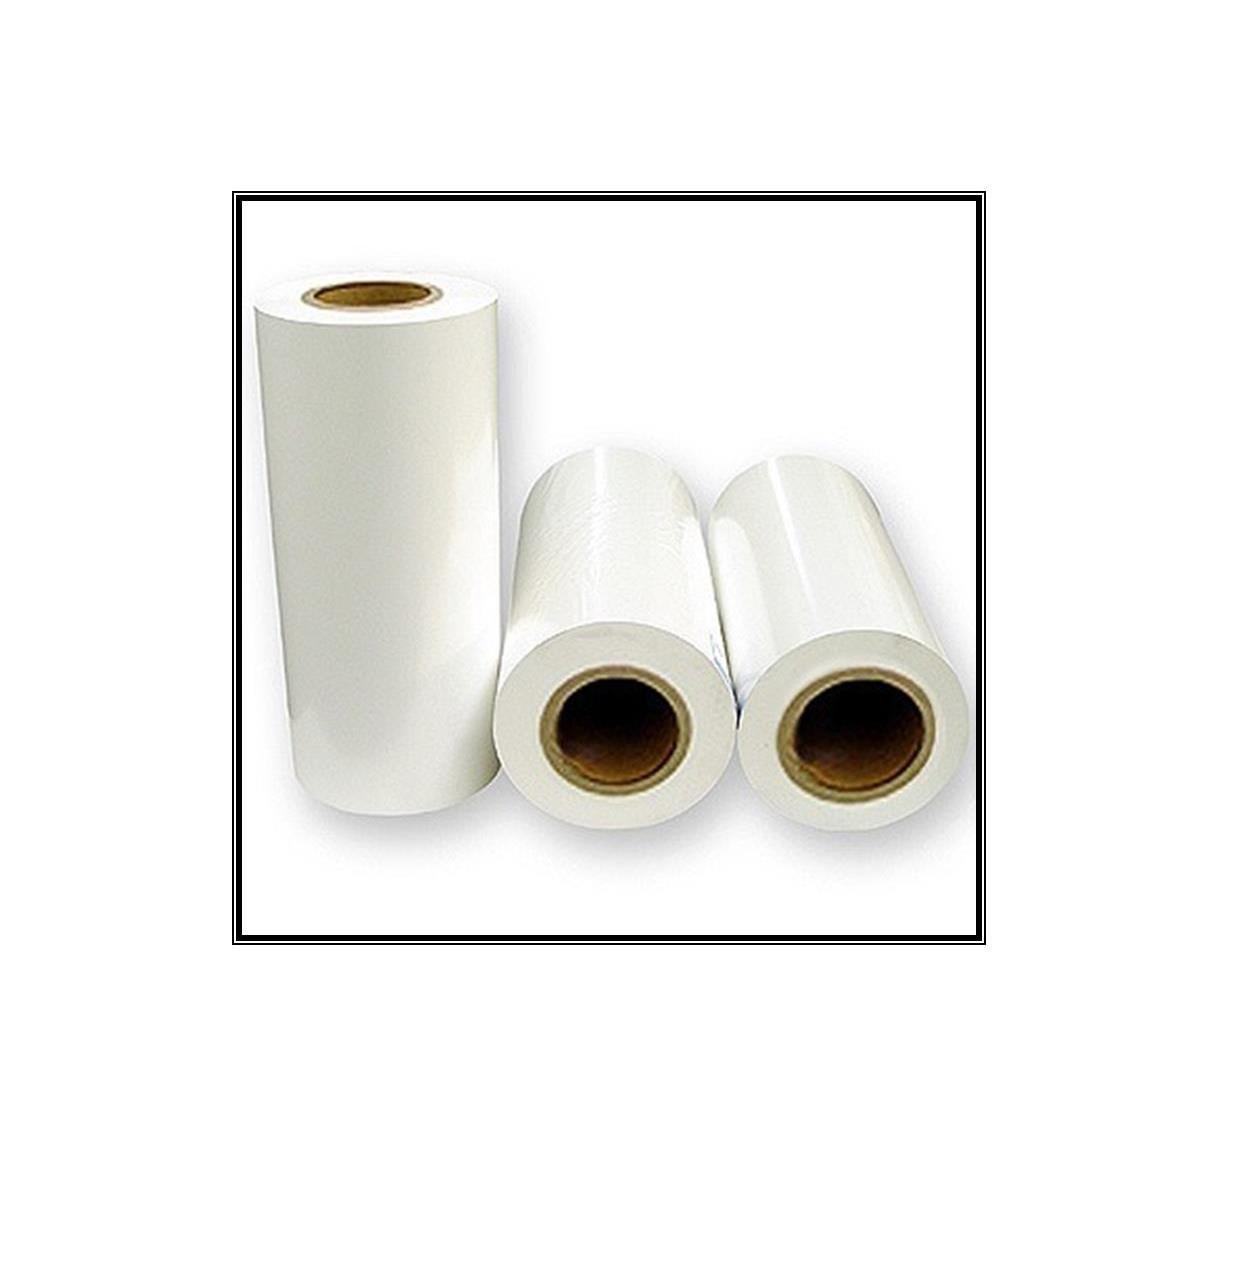 Rolo com 20 metros - Opalina 0,38 mm Branca (80cm de largura)